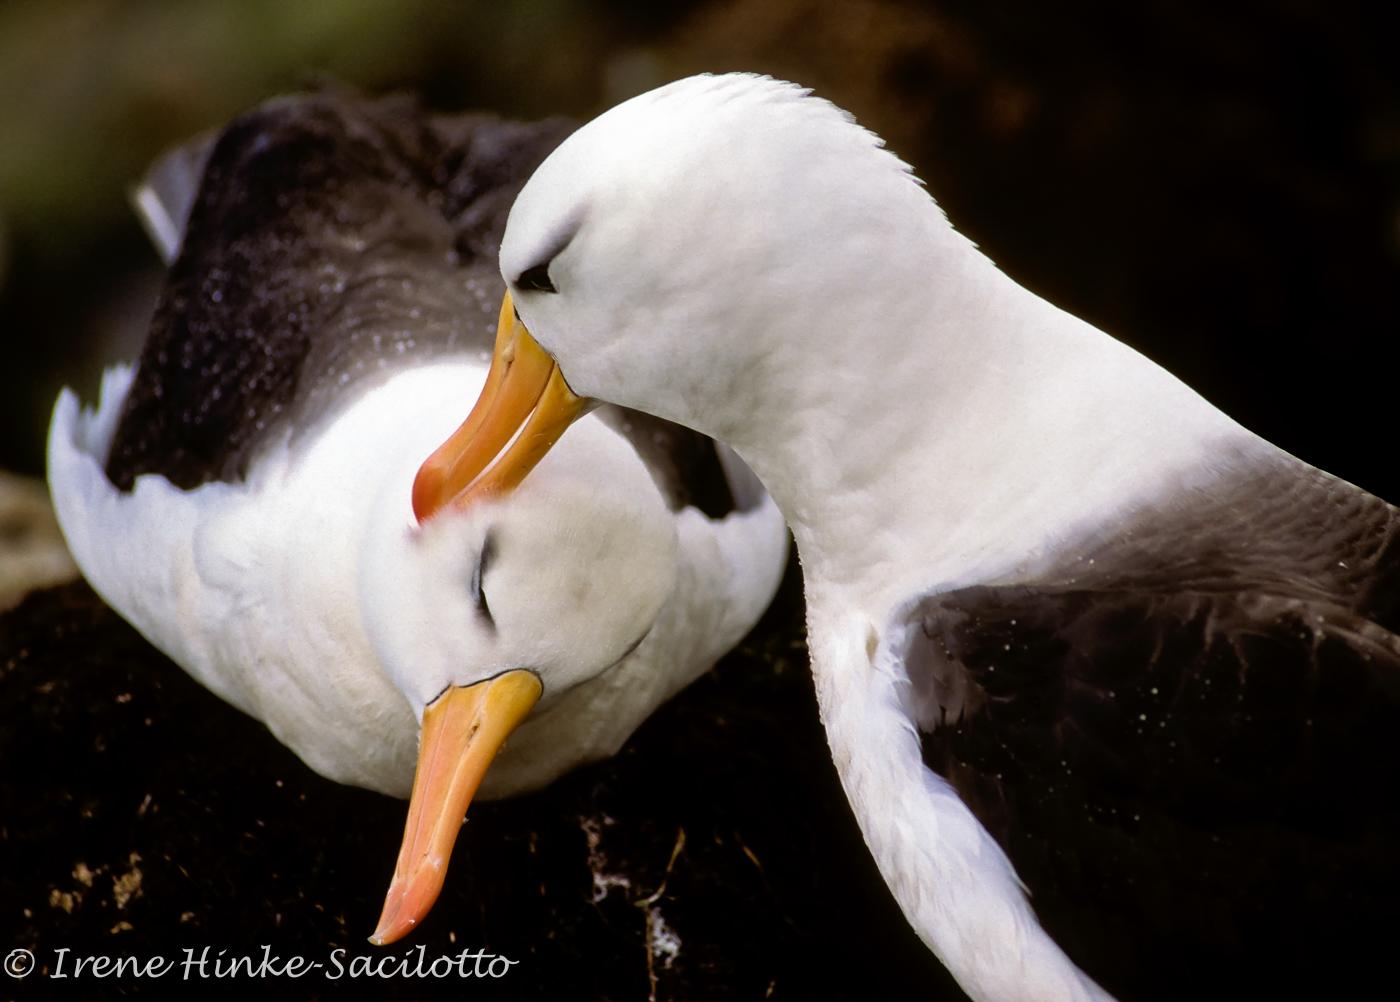 Black Browed Albatross preening each other. Pair bonding during breeding season.